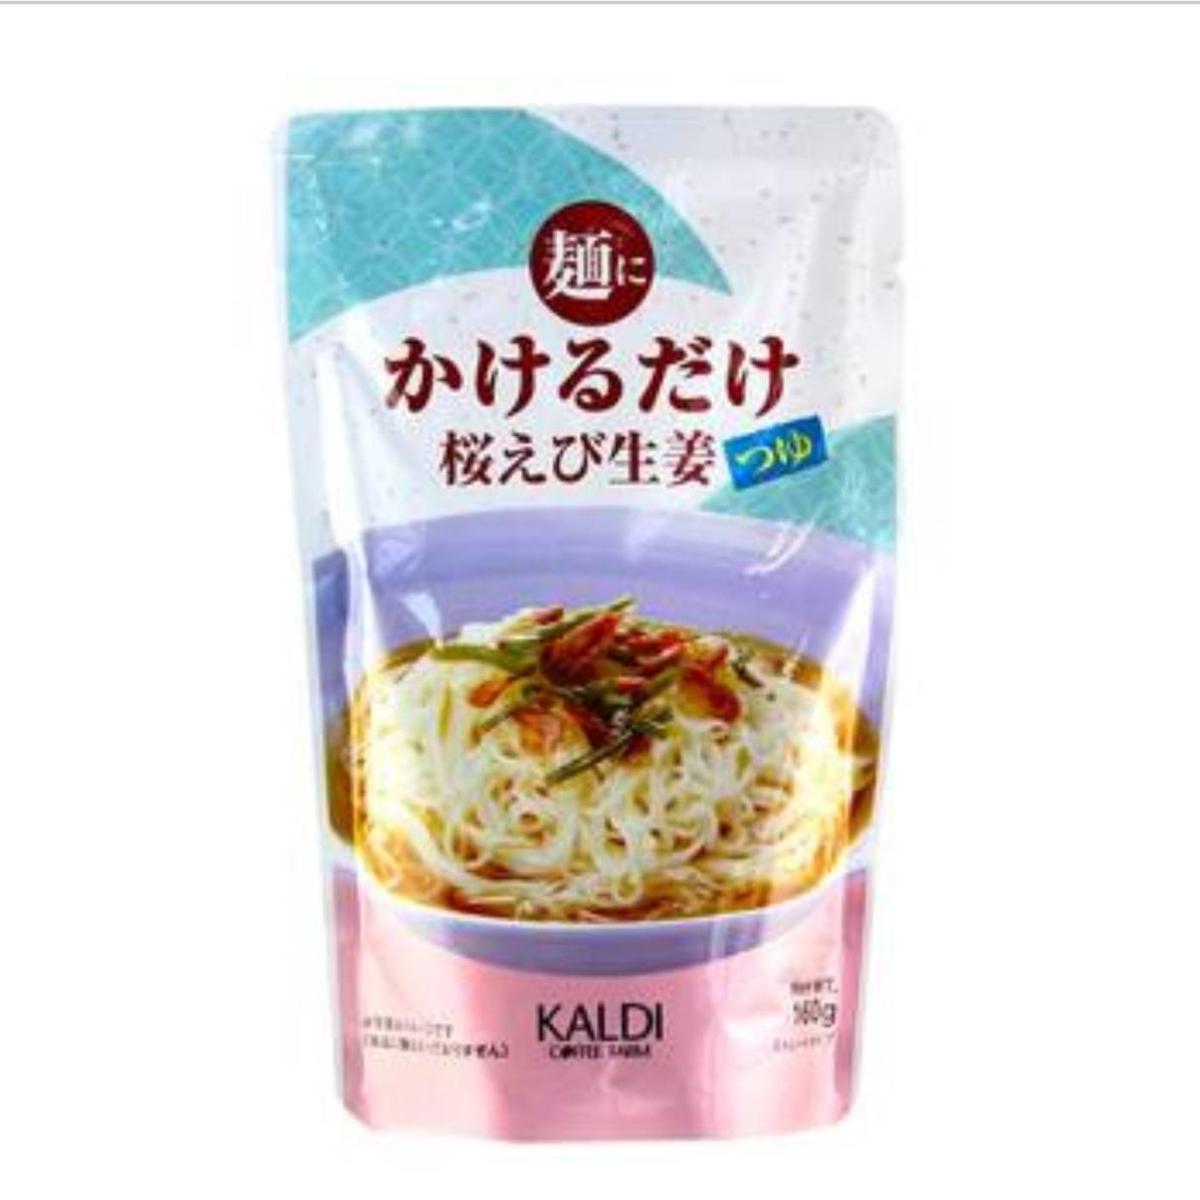 【KALDI】簡単!麺にかけるだけ「桜えび生姜つゆ」パッケージ LIFE